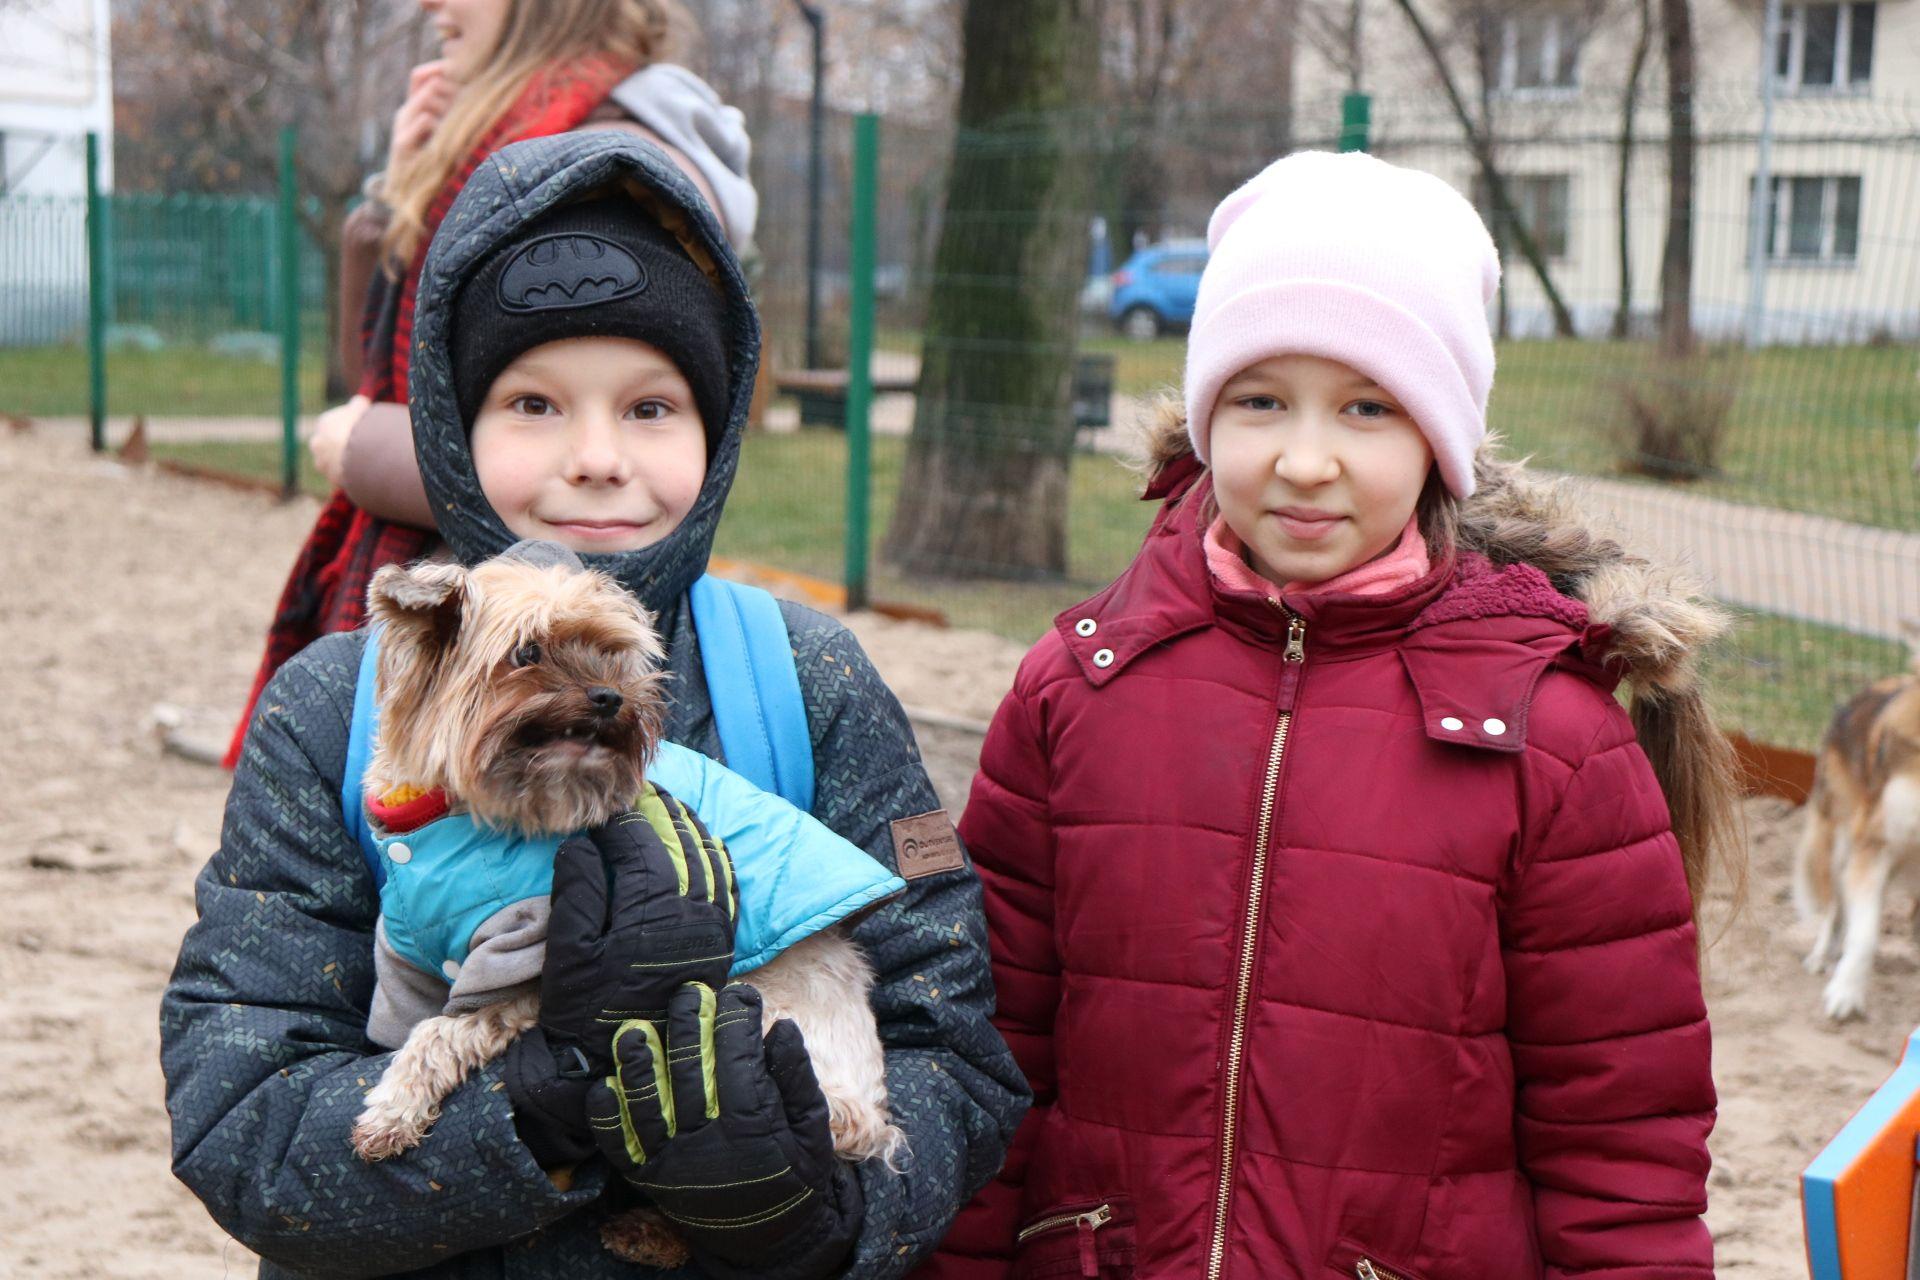 Мастер-класс по дрессировке собак провели в районе Якиманка. Фото предоставлено представителями Молодежной палаты